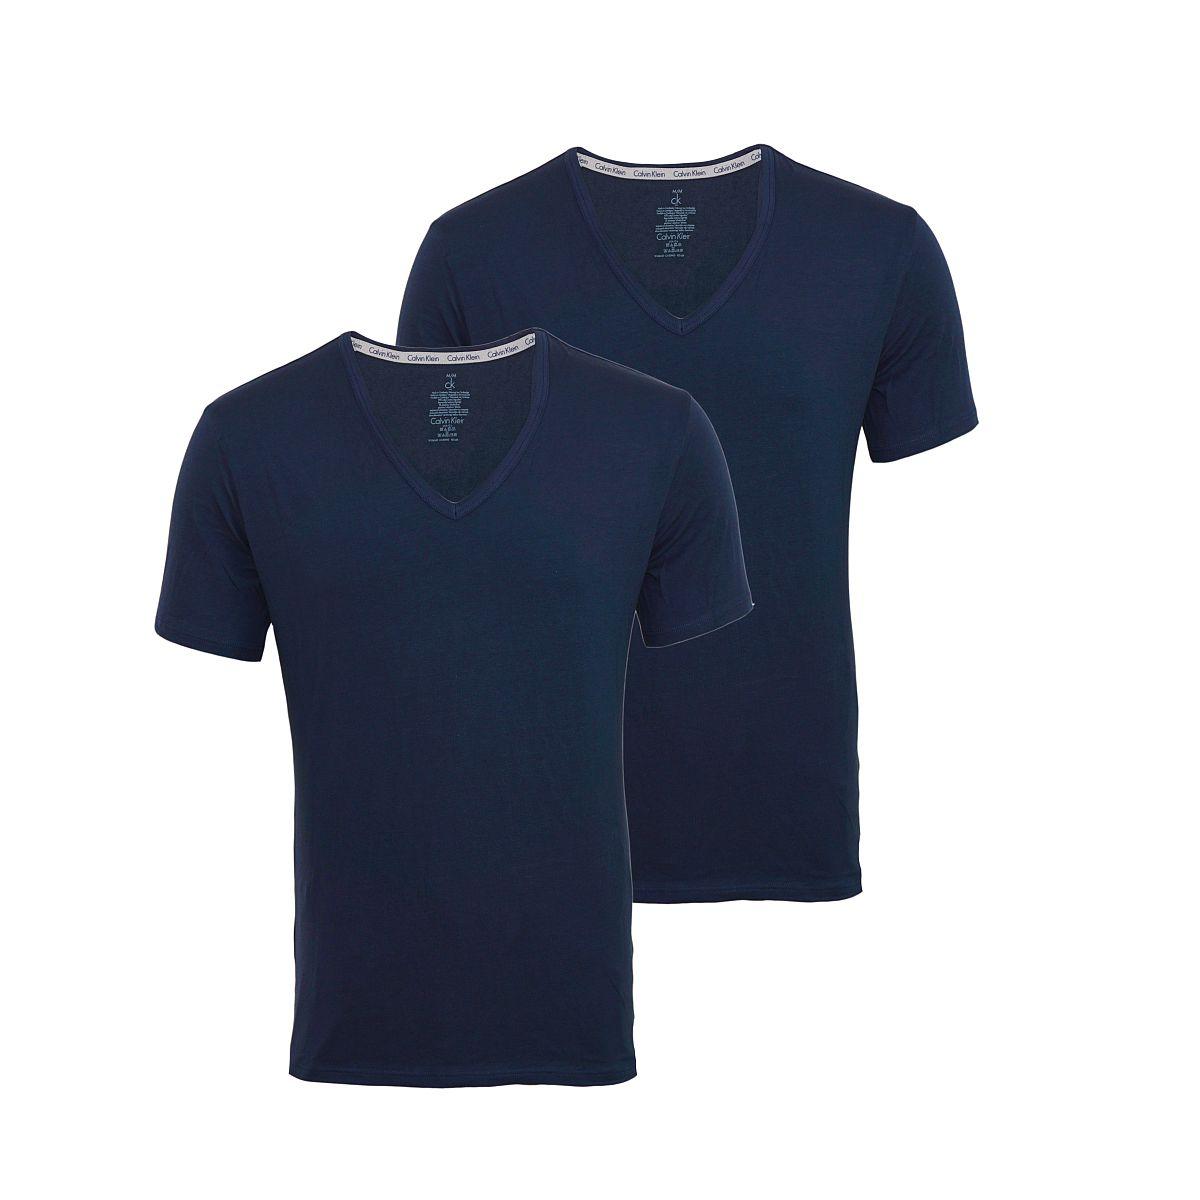 Calvin Klein 2er Pack T-Shirts Tee-Shirts CK16 V-Ausschnitt navy